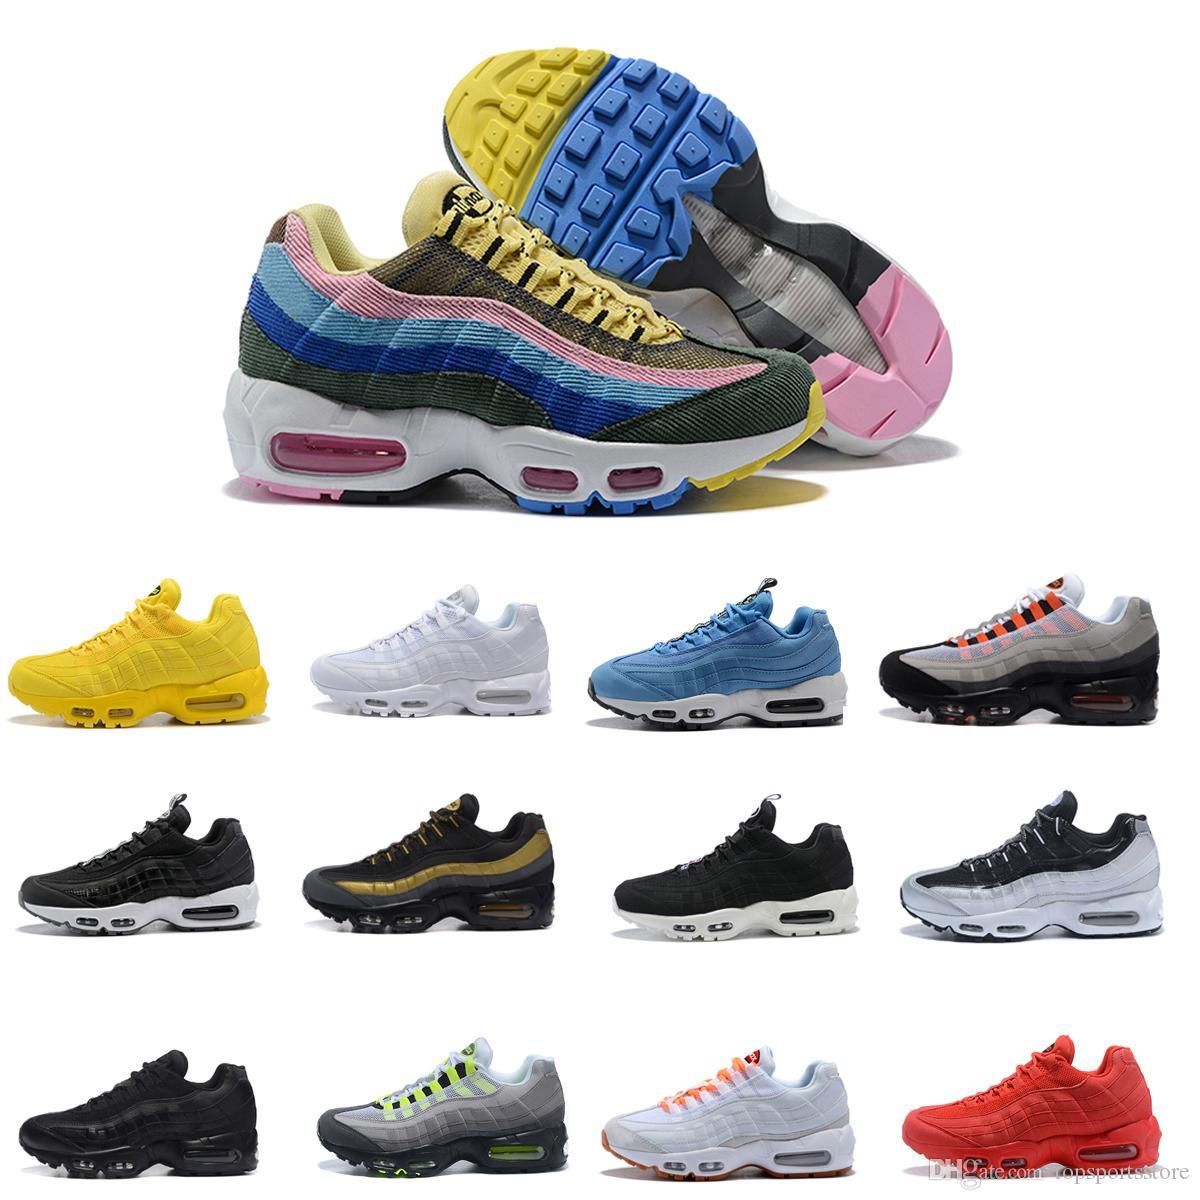 new concept f453f 1961c Acquista 95 2018 New 95 20th Anniversary Neon Mens Scarpe Da Corsa Sports  Designer 95s Uomo Scarpe Da Ginnastica Zapatos Sneakers Chaussures Taglia  12 A ...